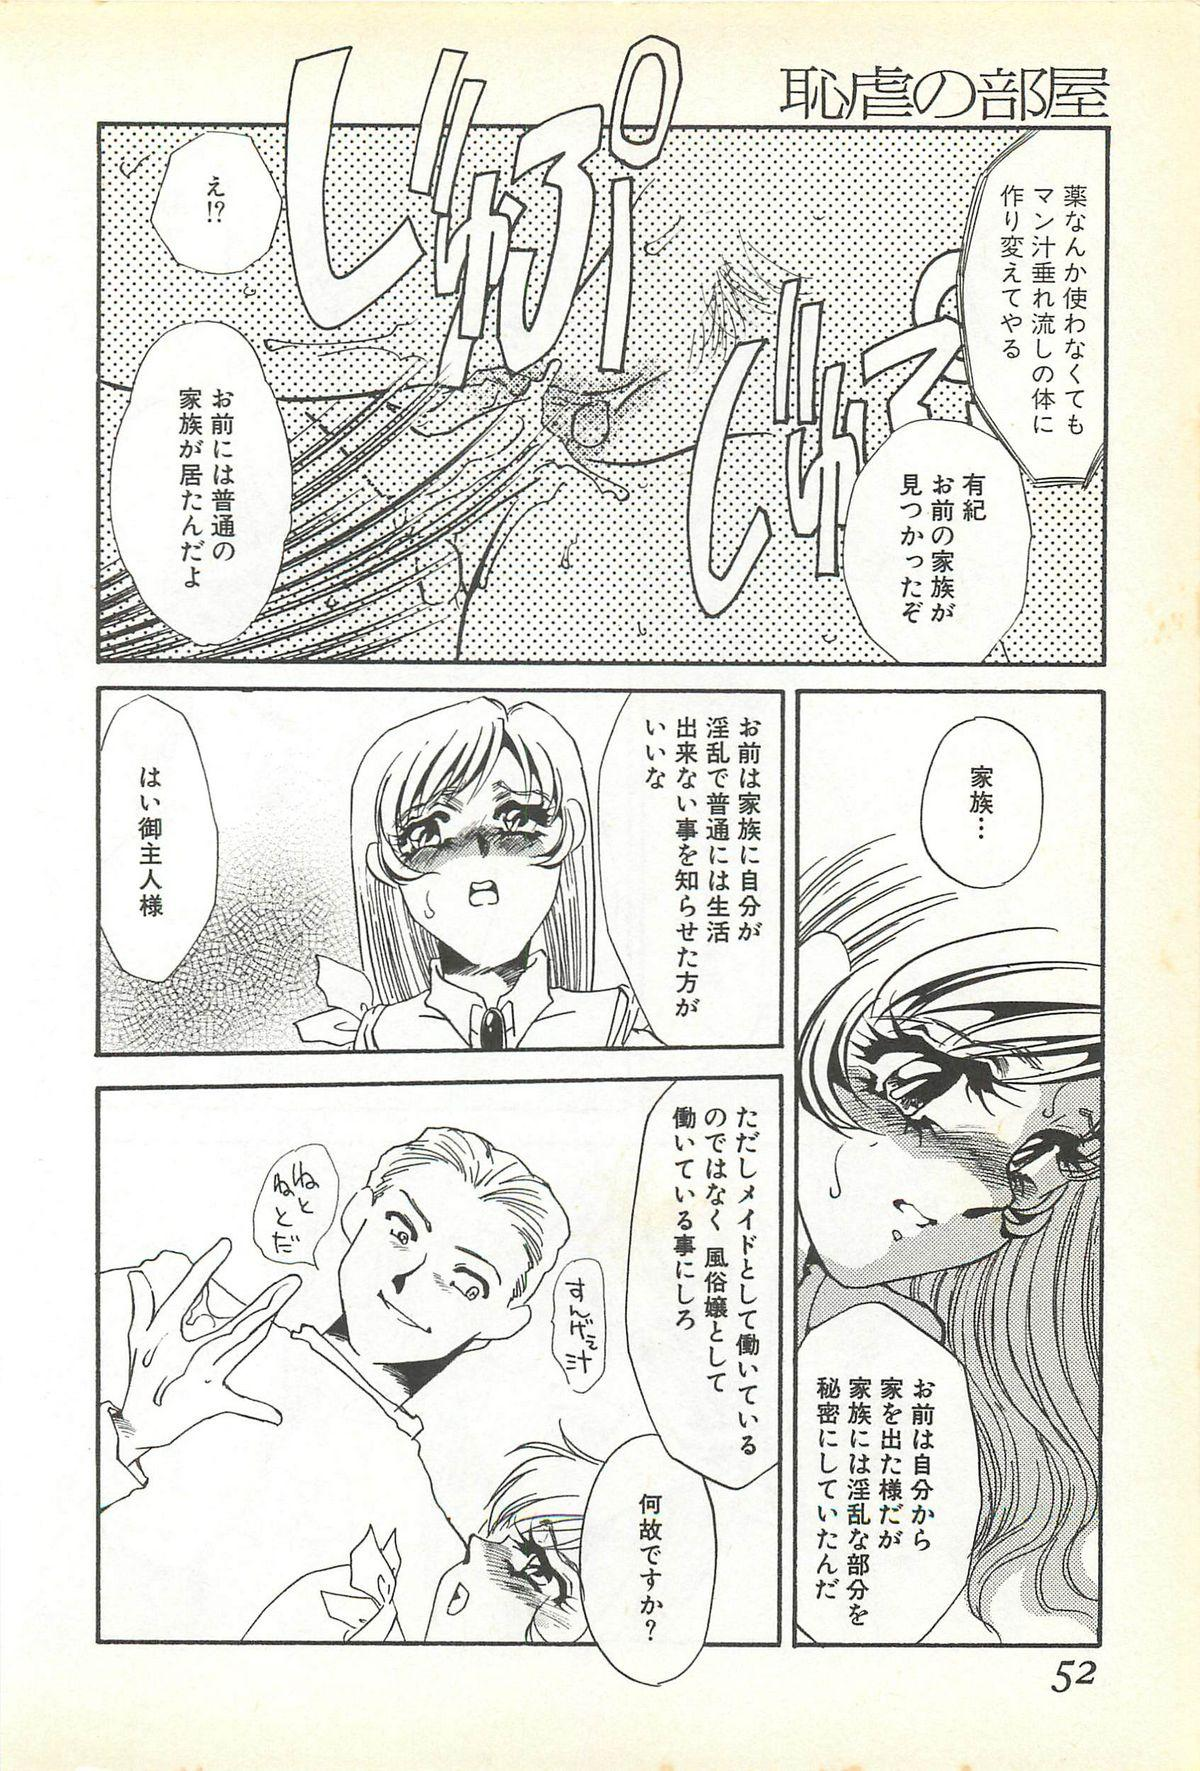 Chigyaku no Heya - A Shameful Punishment Room 48